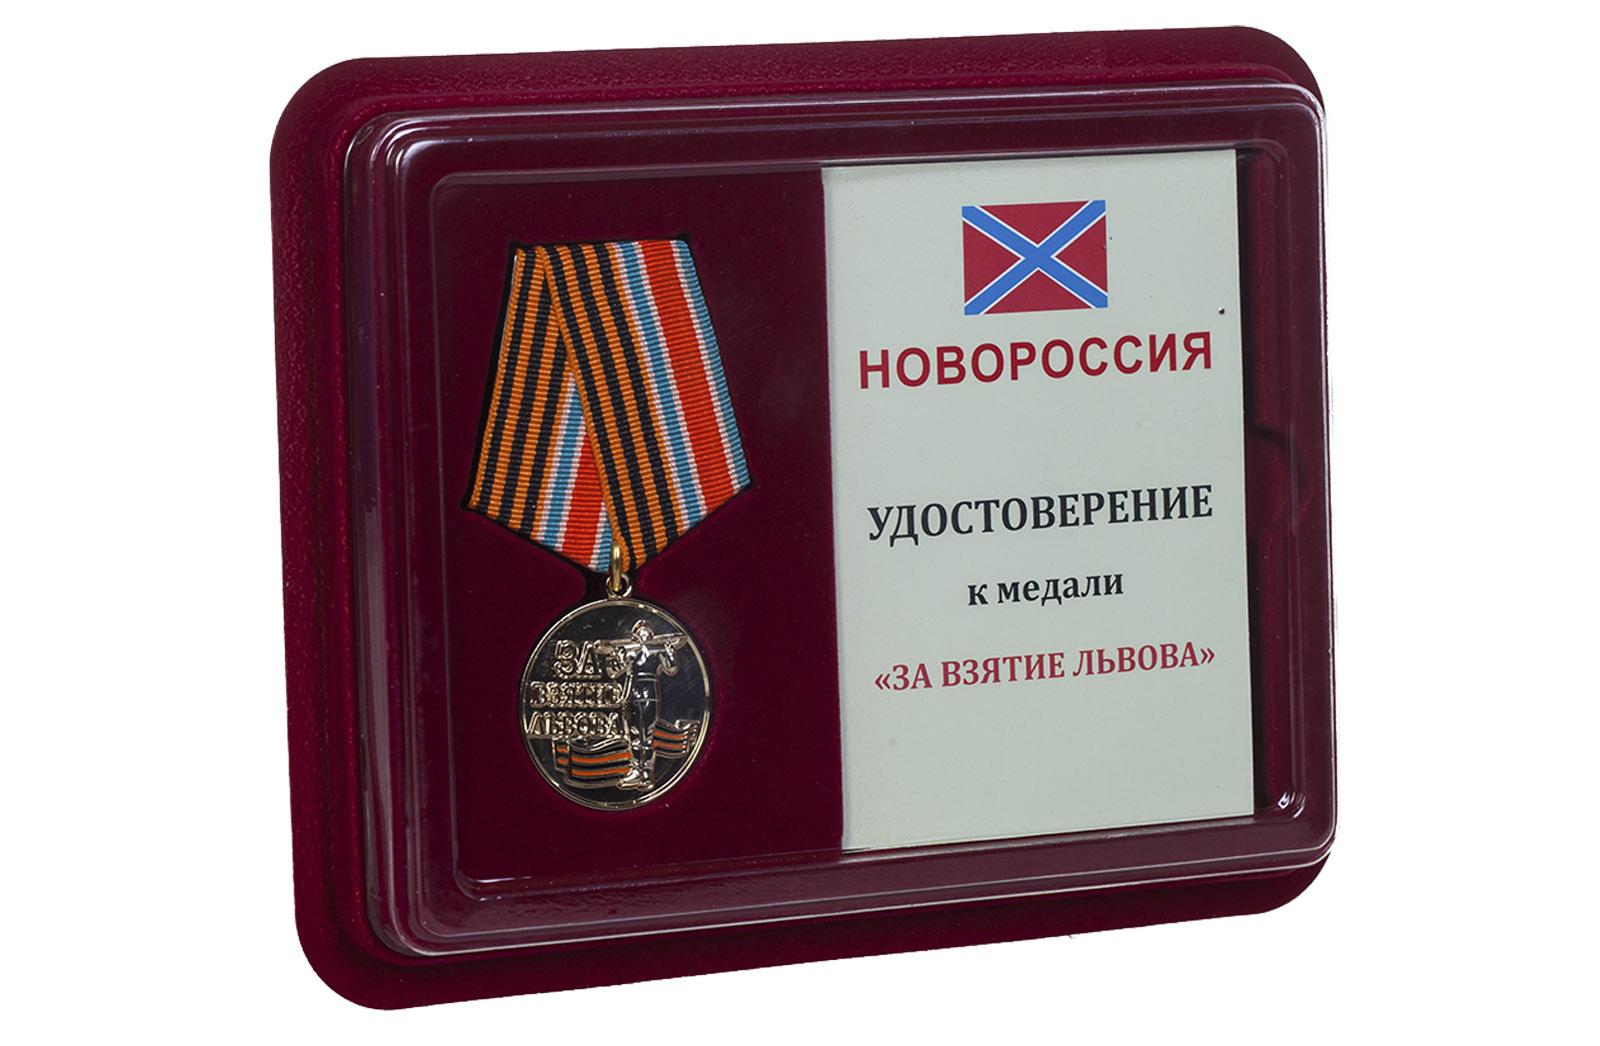 Медаль За взятие Львова в футляре с удостоверением